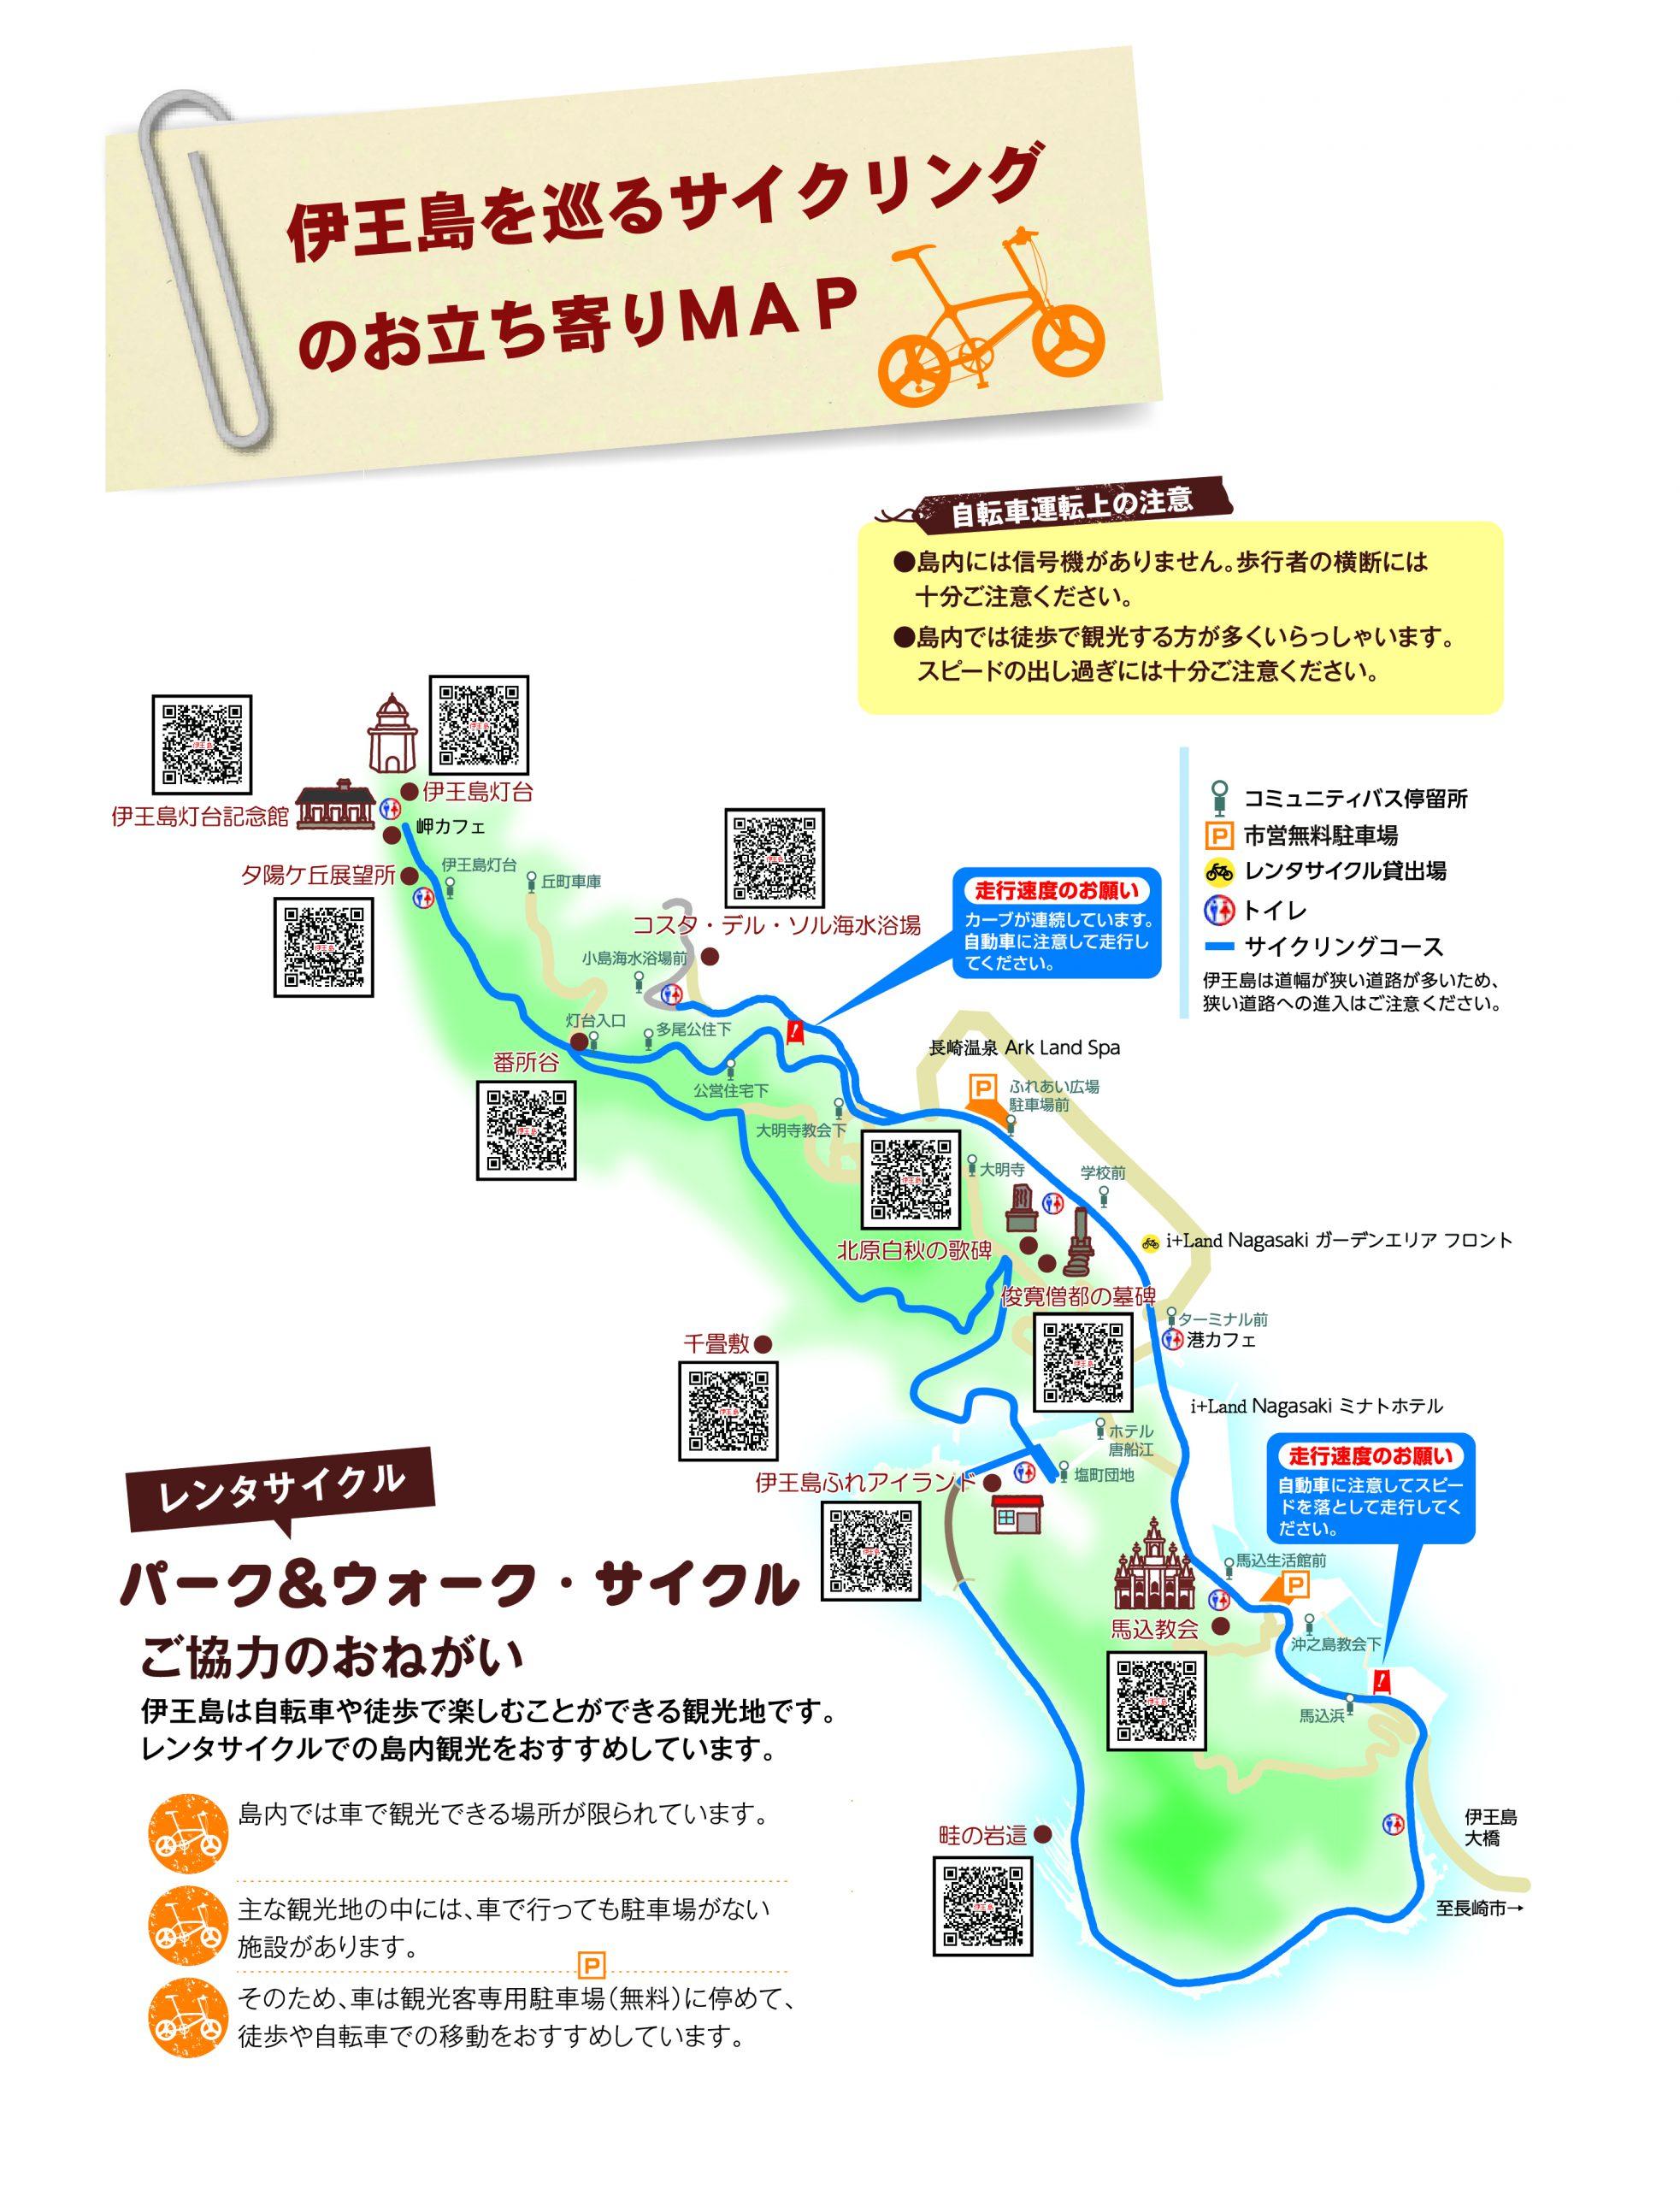 伊王島サイクリングMAP